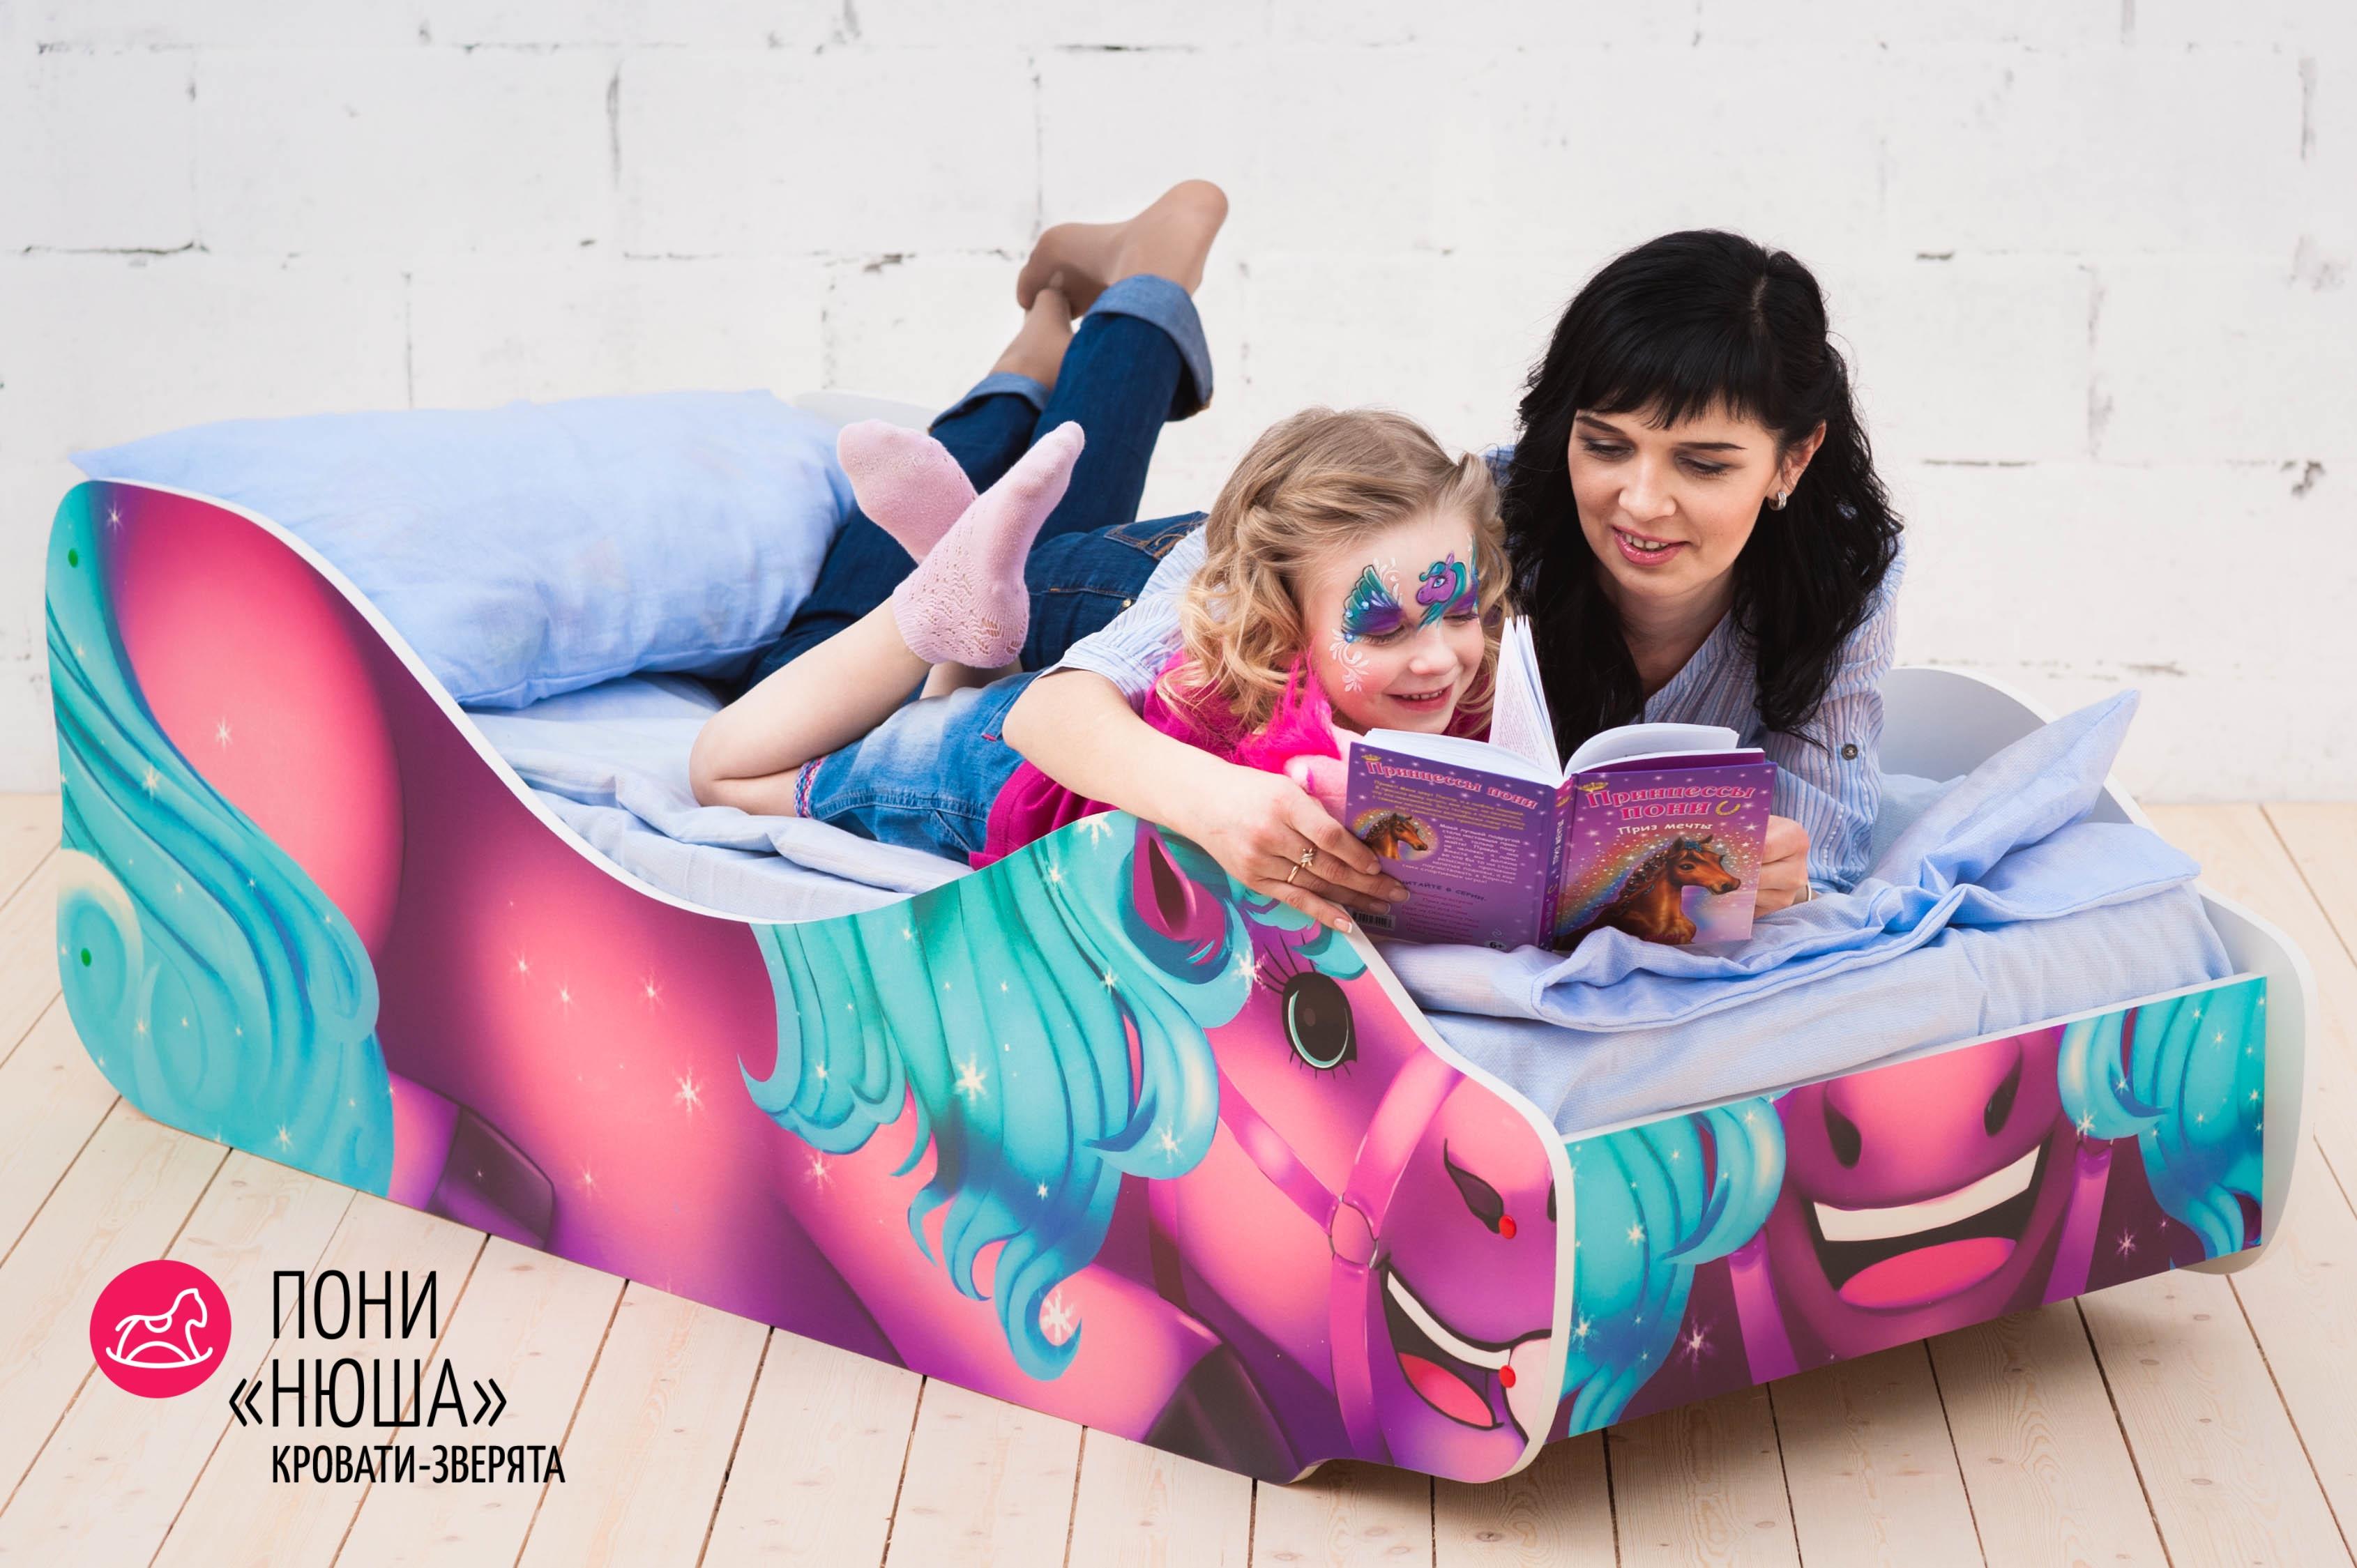 Детская кровать-зверенок -Пони-Нюша-11